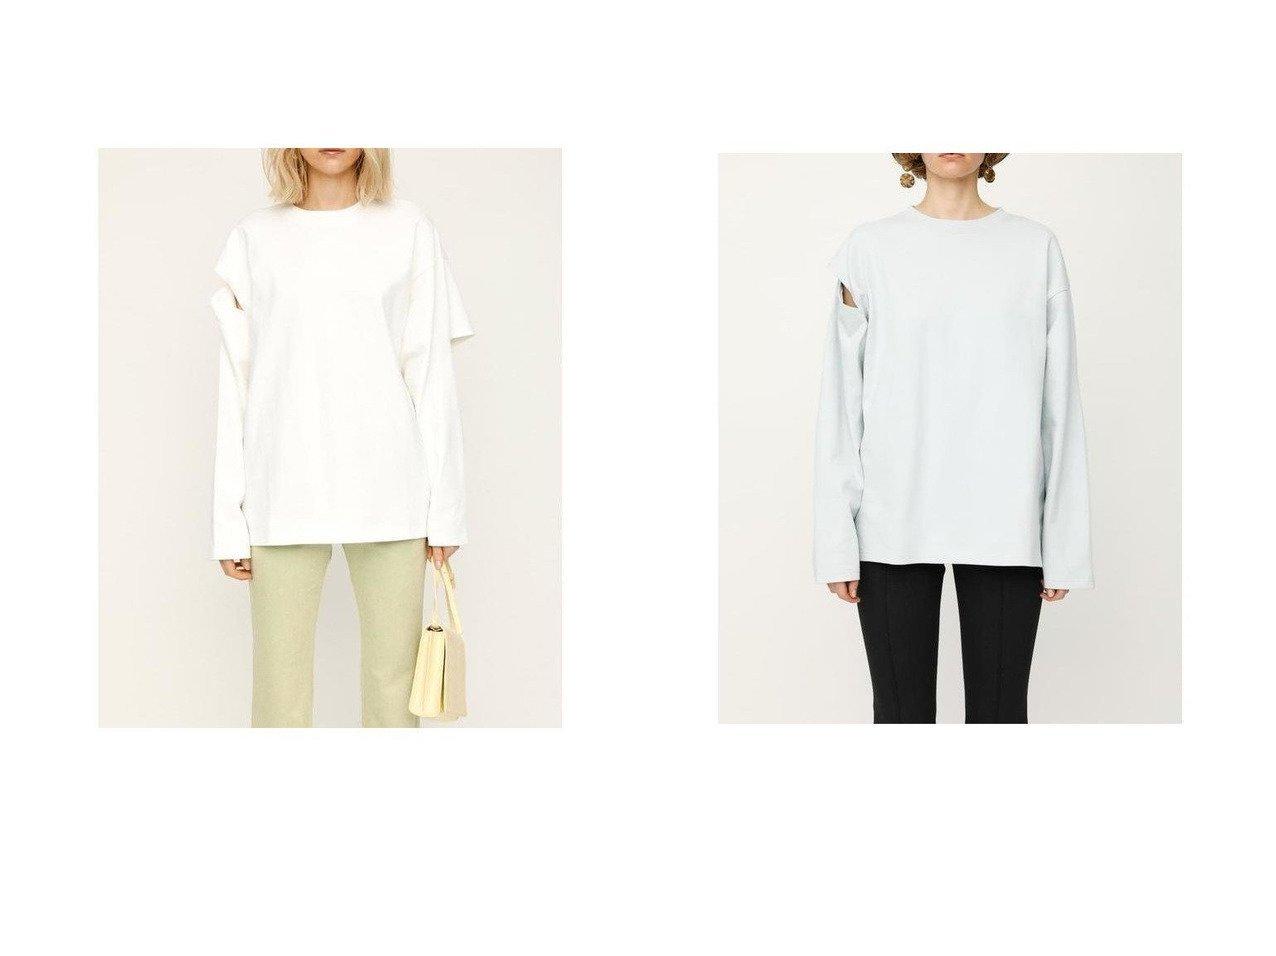 【SLY/スライ】のCUTTING SLEEVE トップス トップス・カットソーのおすすめ!人気、トレンド・レディースファッションの通販 おすすめで人気の流行・トレンド、ファッションの通販商品 メンズファッション・キッズファッション・インテリア・家具・レディースファッション・服の通販 founy(ファニー) https://founy.com/ ファッション Fashion レディースファッション WOMEN トップス カットソー Tops Tshirt シャツ/ブラウス Shirts Blouses ロング / Tシャツ T-Shirts カットソー Cut and Sewn カッティング |ID:crp329100000022973